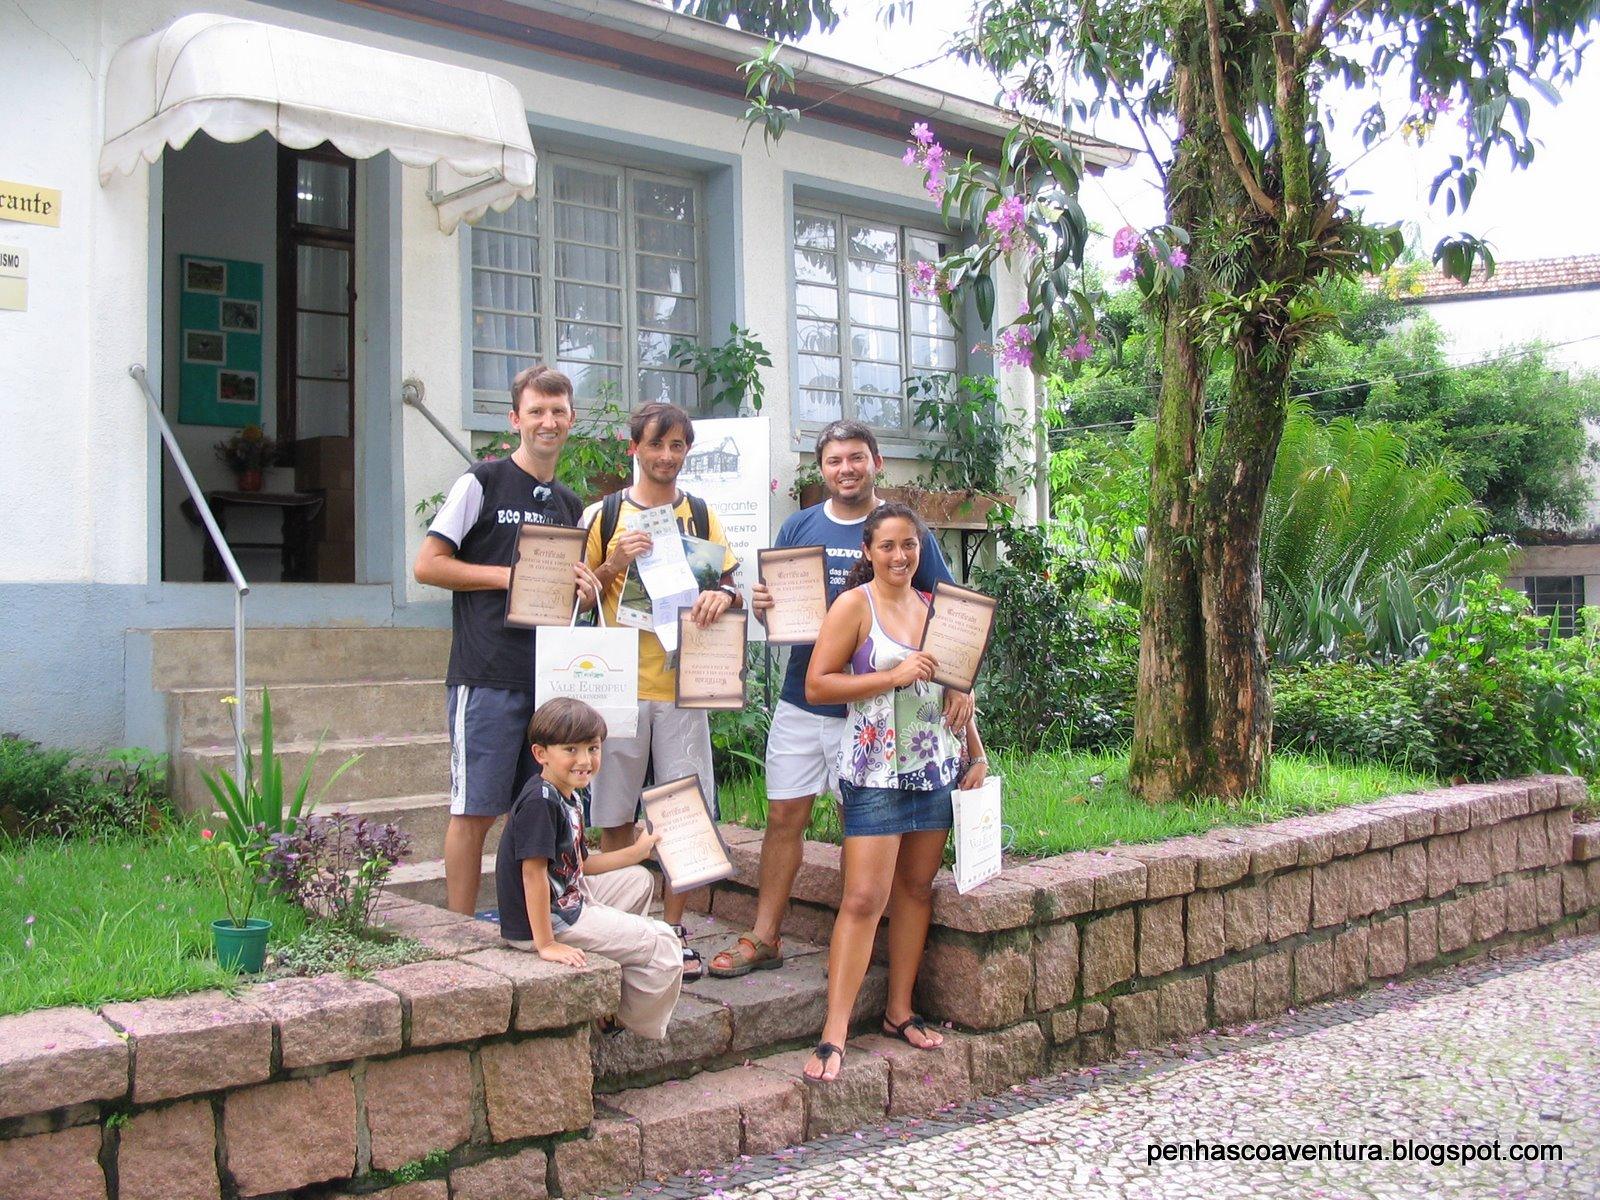 Circuito Vale Europeu : Maumau ecos aventura dia circuito vale europeu palmeiras a